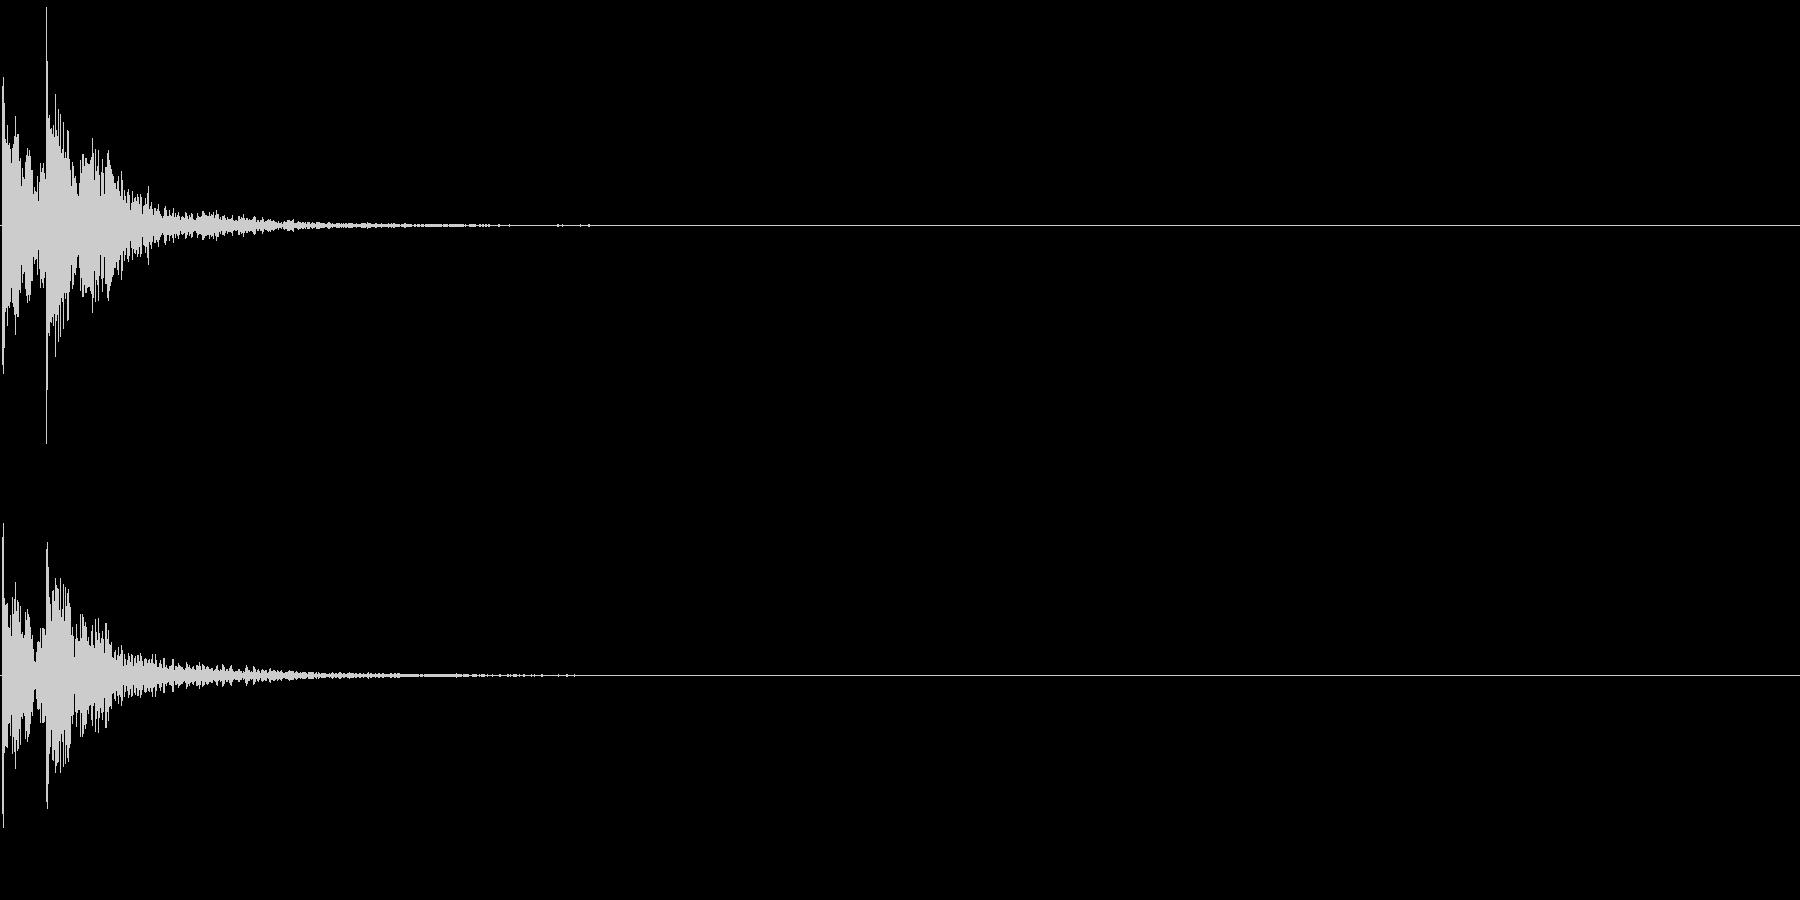 和太鼓「どどん」中太鼓の太い音-11の未再生の波形